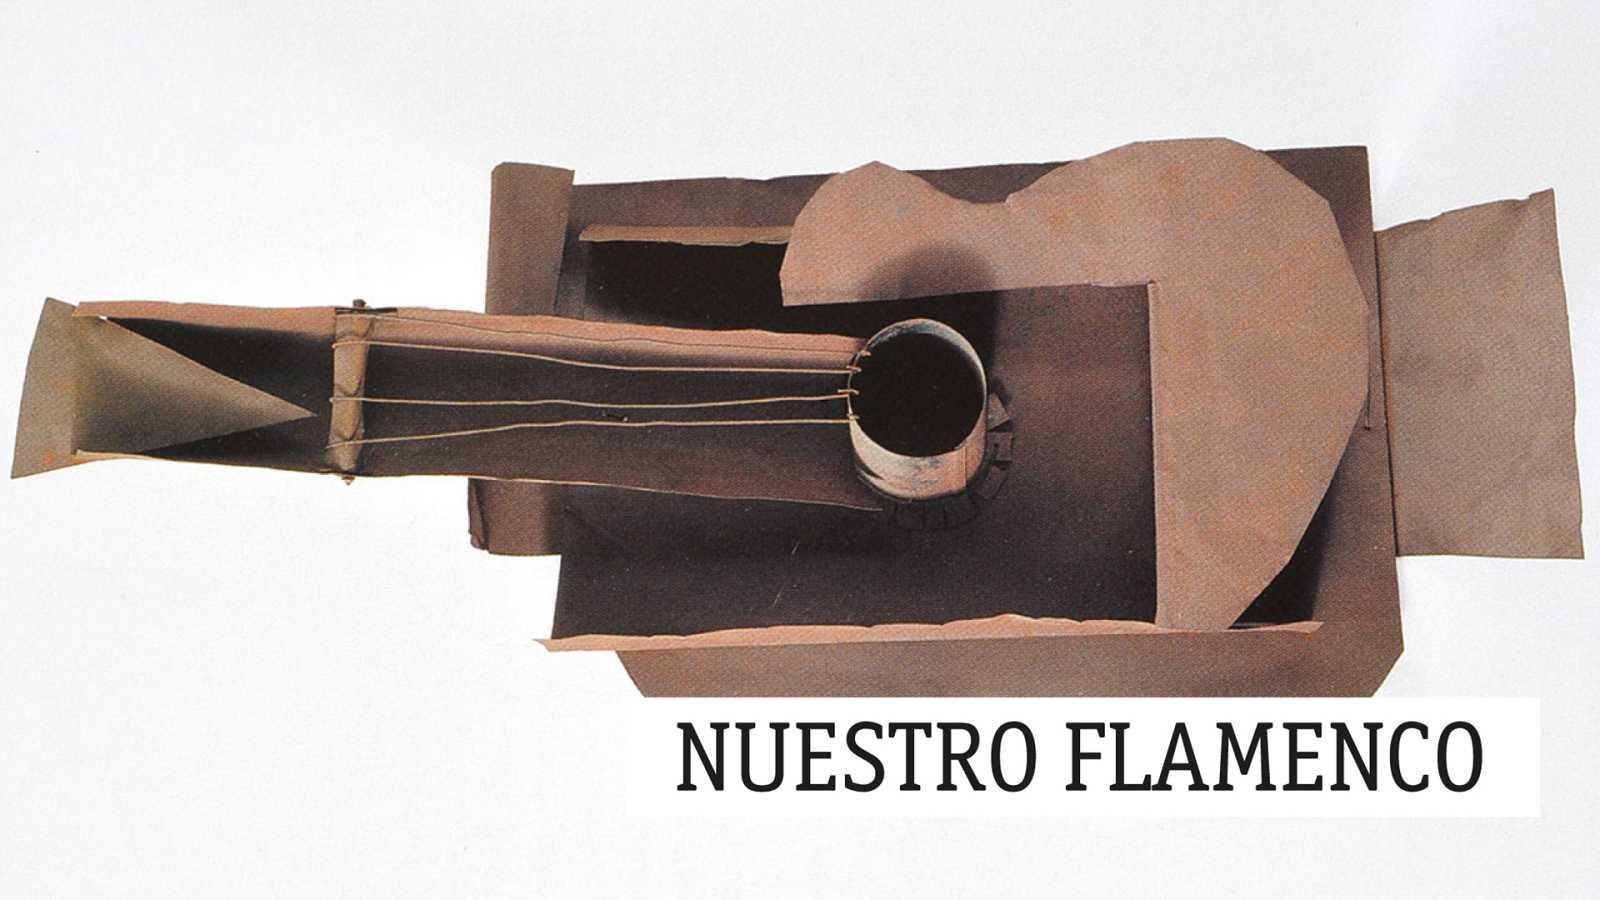 Nuestro flamenco - Una antología de Antonio Mairena - 04/02/21 - escuchar ahora